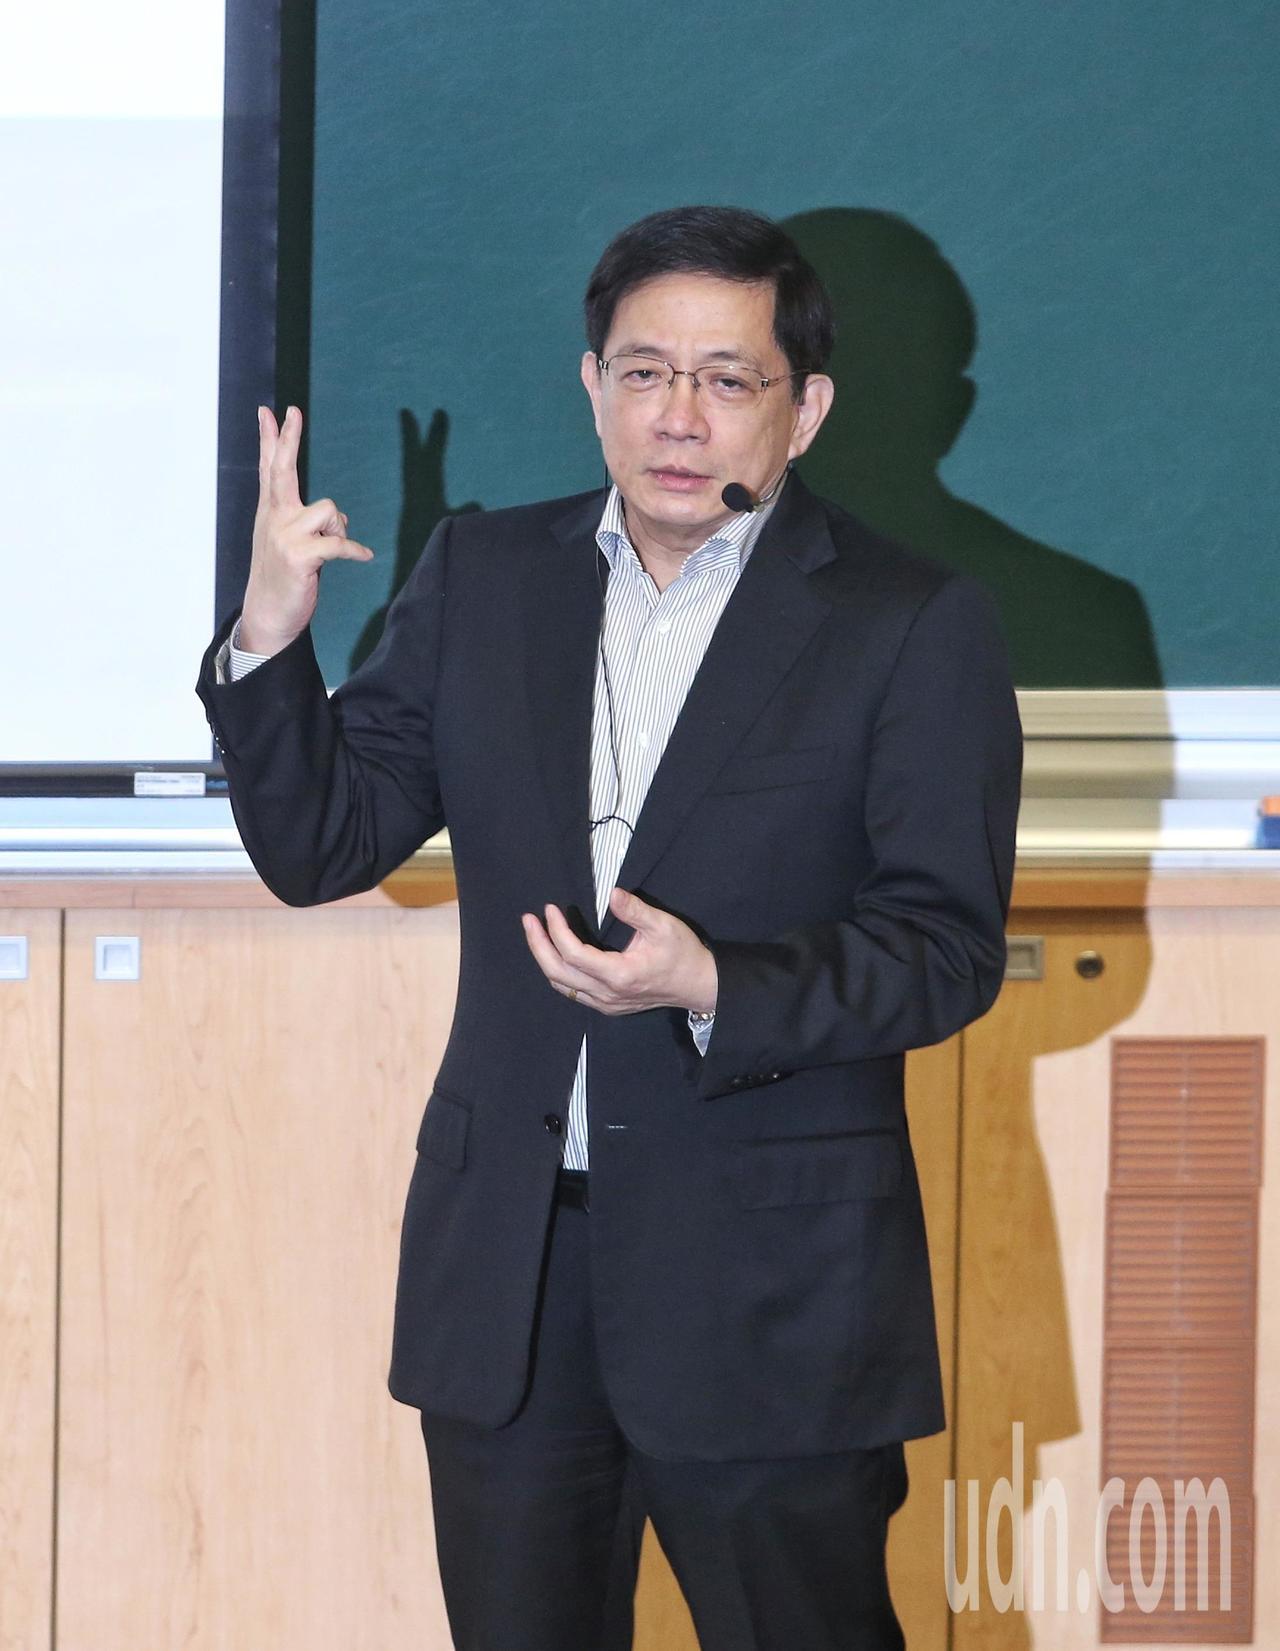 台大校長管中閔在台大開講。記者鄭清元/攝影